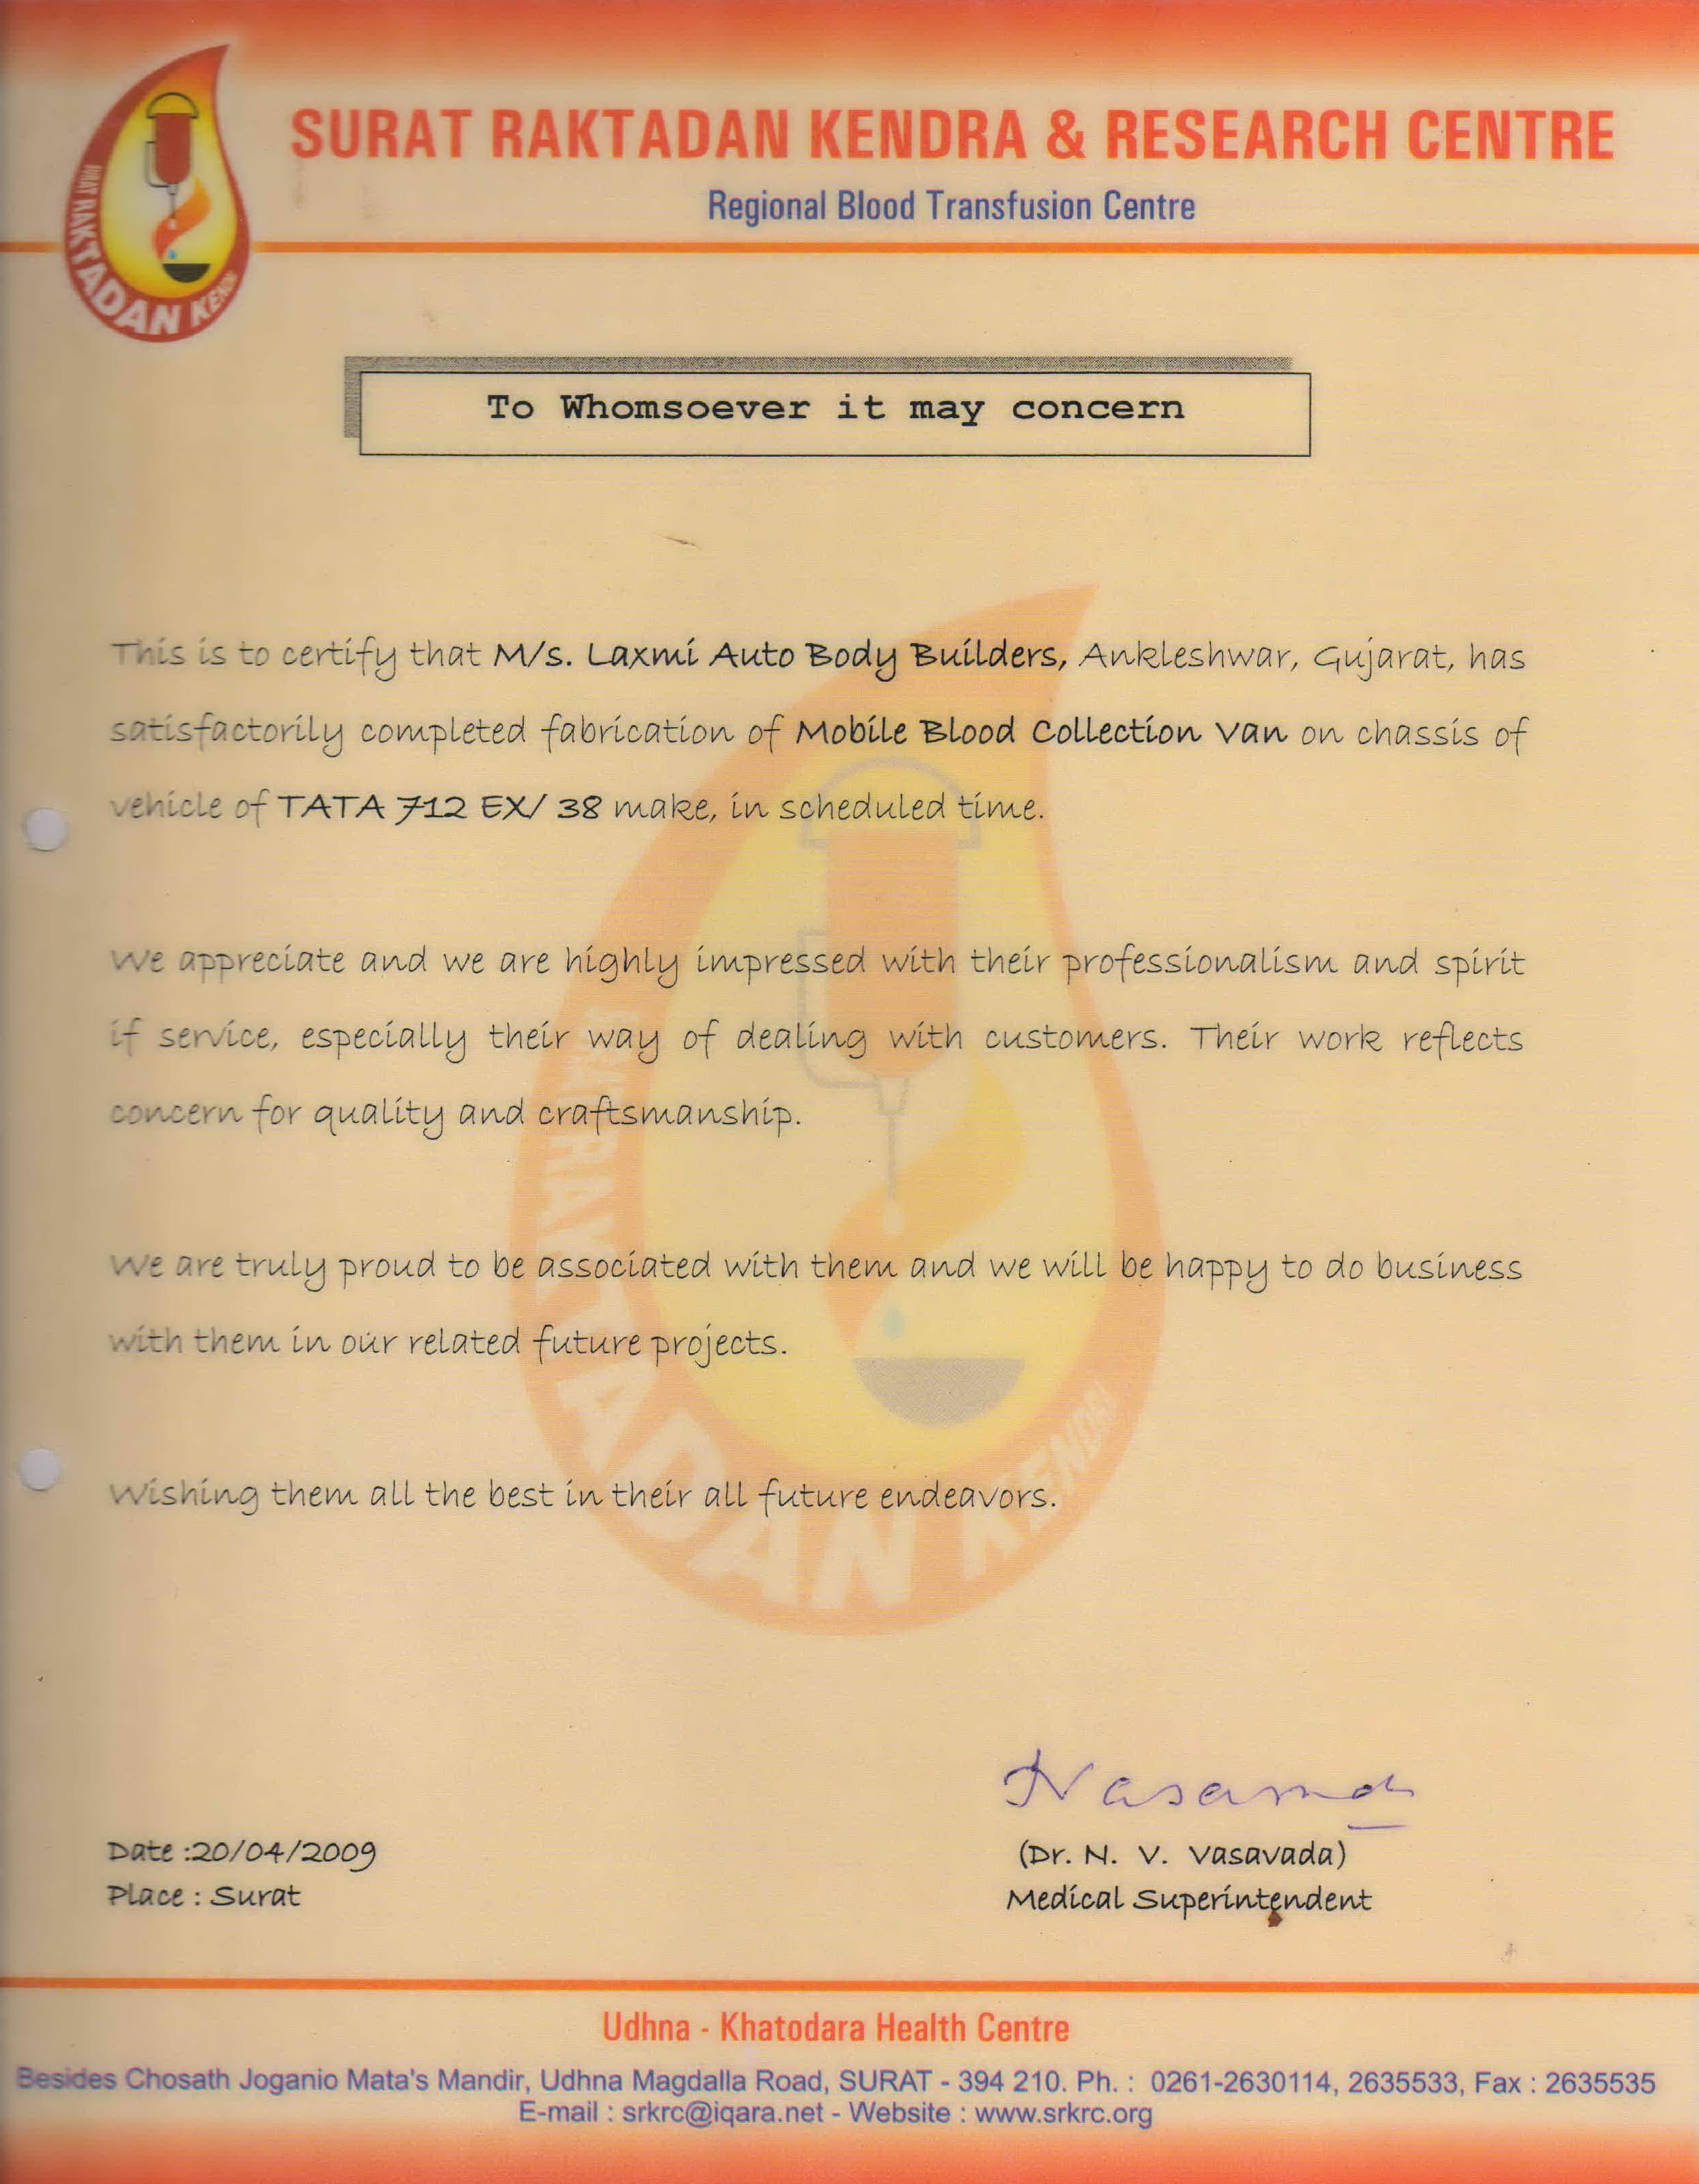 Appreciation Letter Laxmi Auto Body Builders